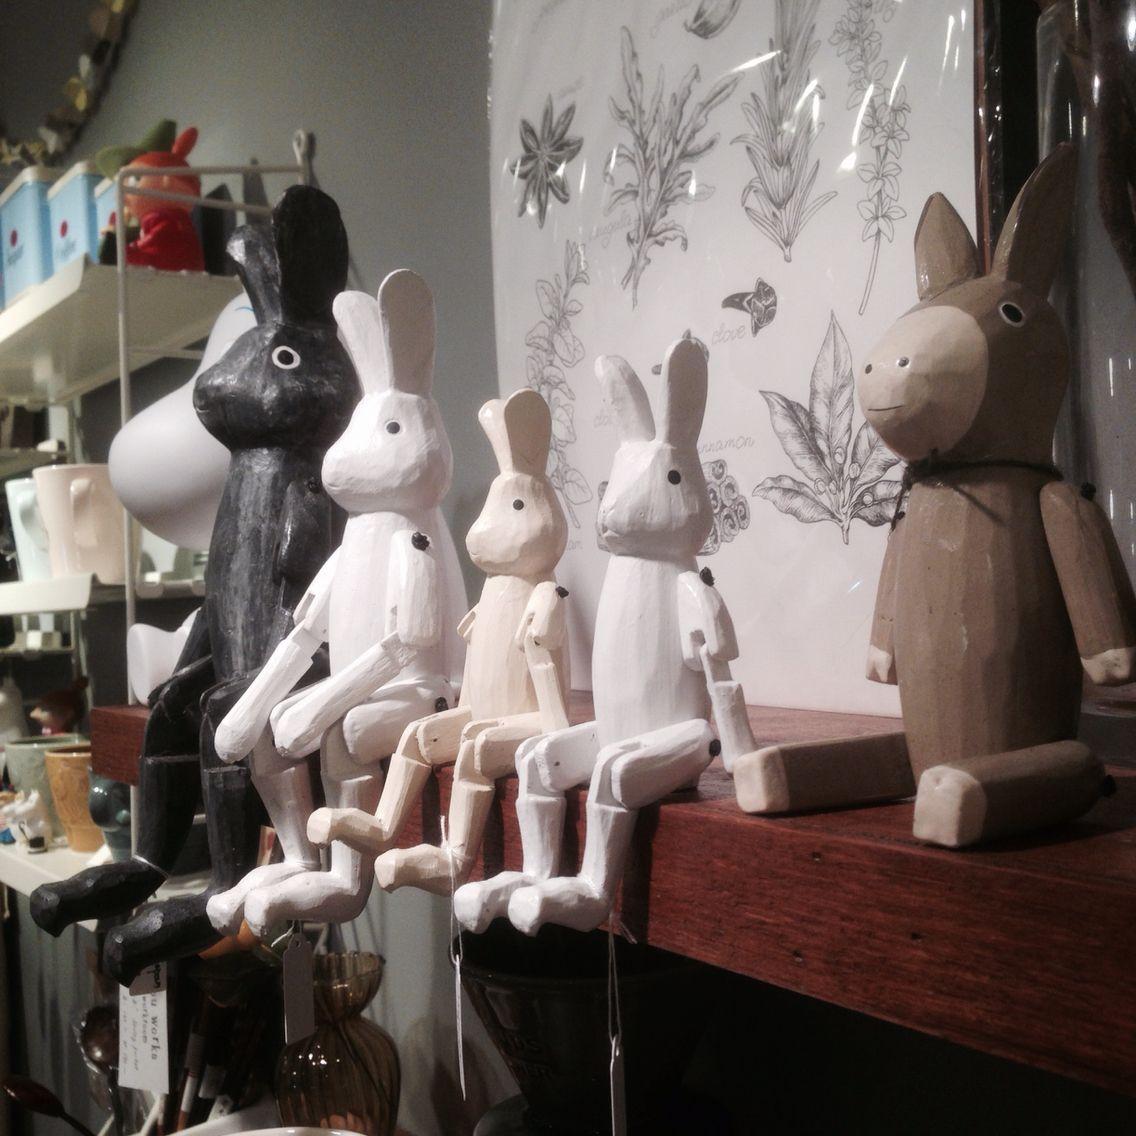 #부부웍스 #boubouworks #아주대 #수원 #acc #fashion #양말 #잡화 #일본수입 #포그린넨